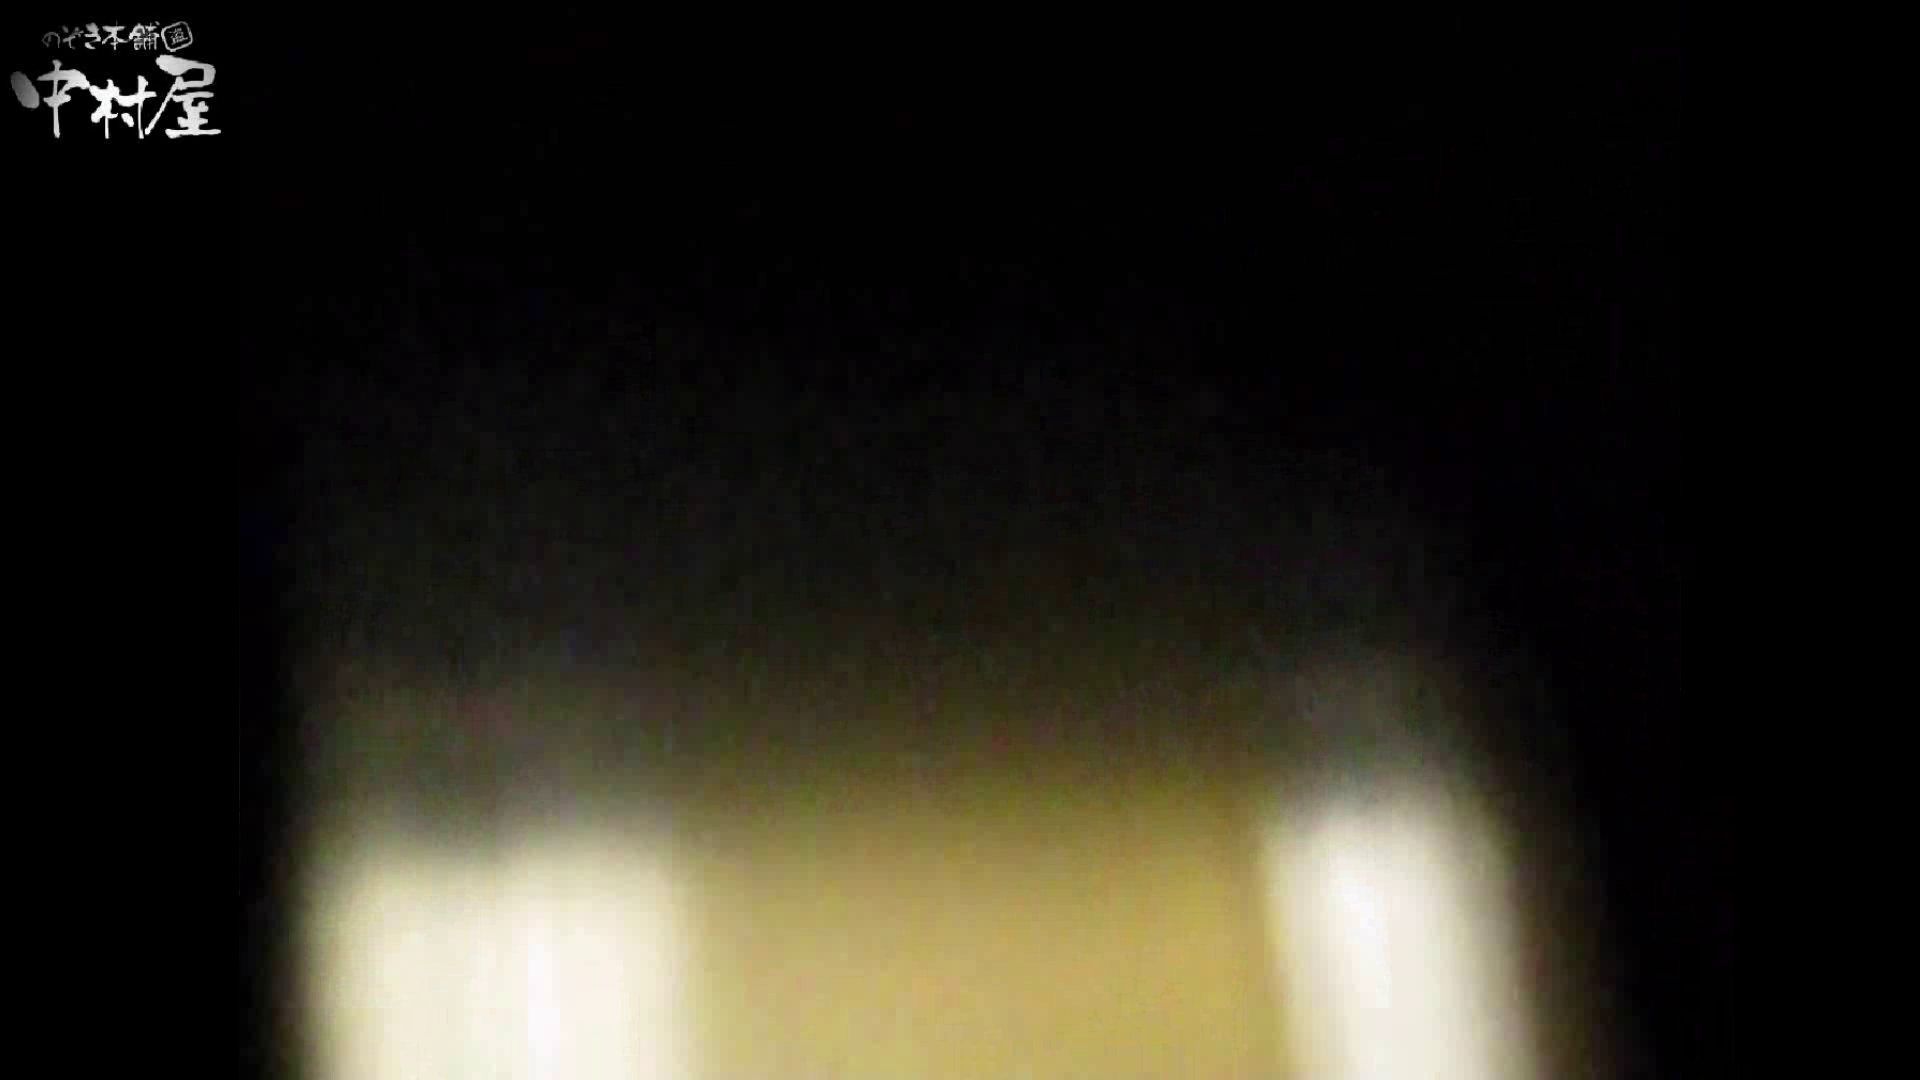 民家風呂専門盗撮師の超危険映像 vol.010 OLのエロ生活 ヌード画像 90連発 20